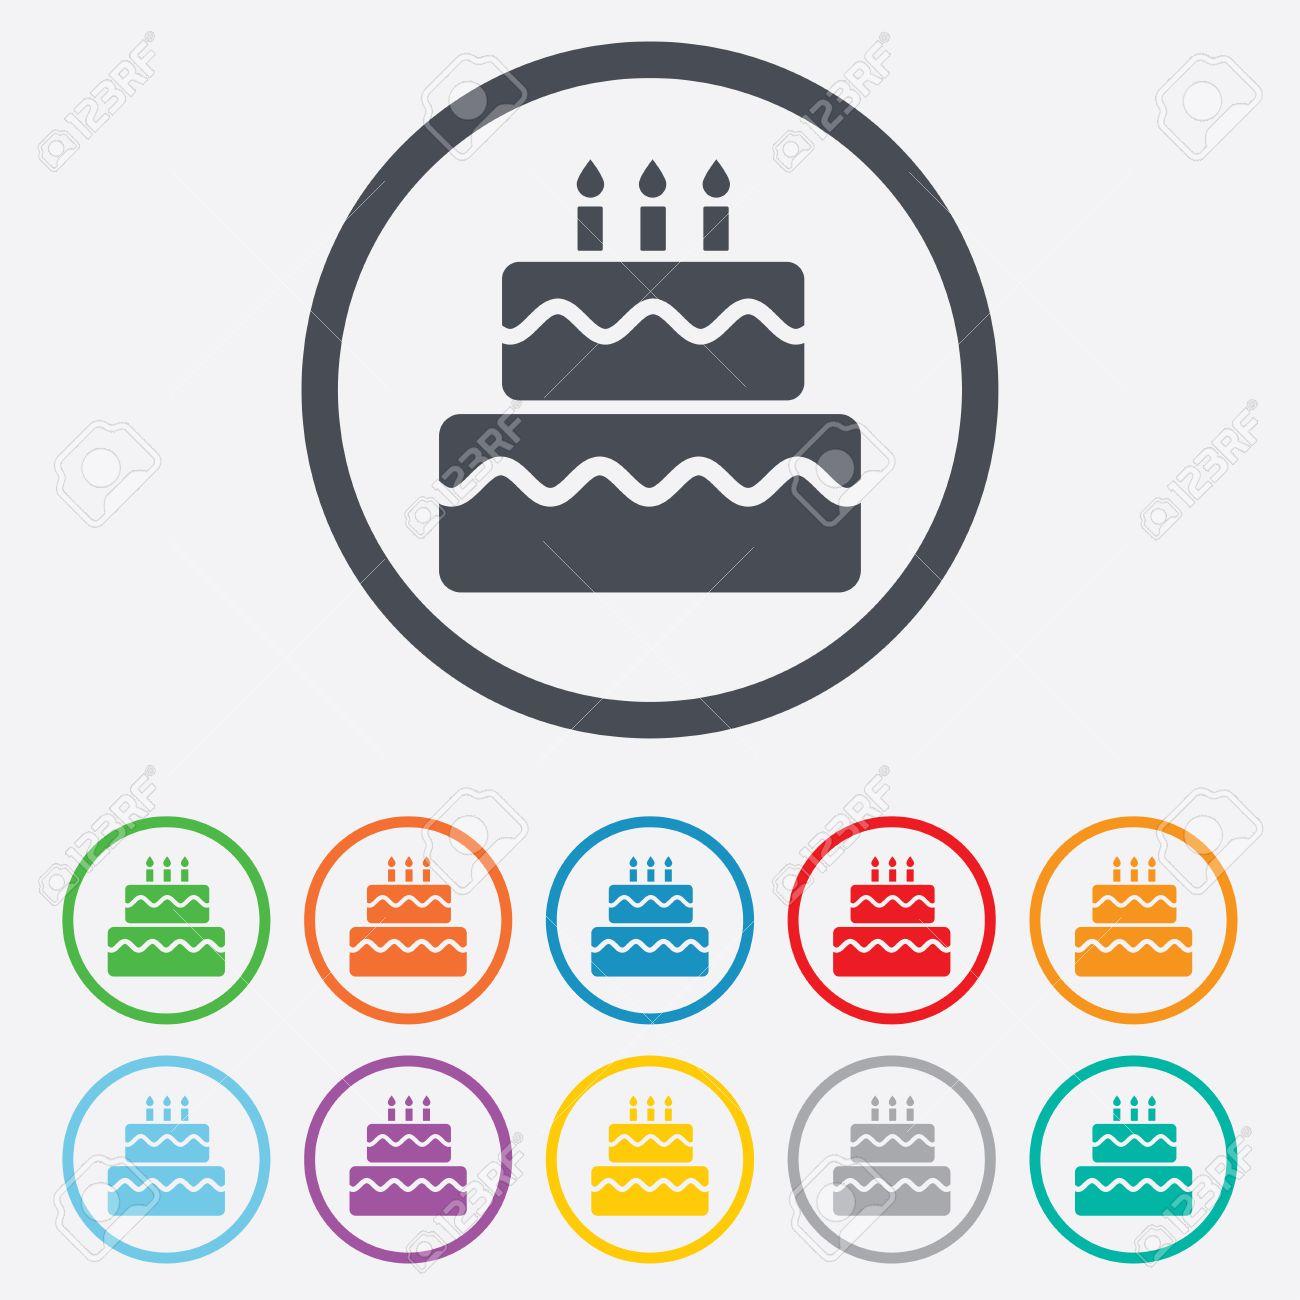 Geburtstagskuchen Symbol. Kuchen Mit Brennenden Kerzen-Symbol. Runde ...